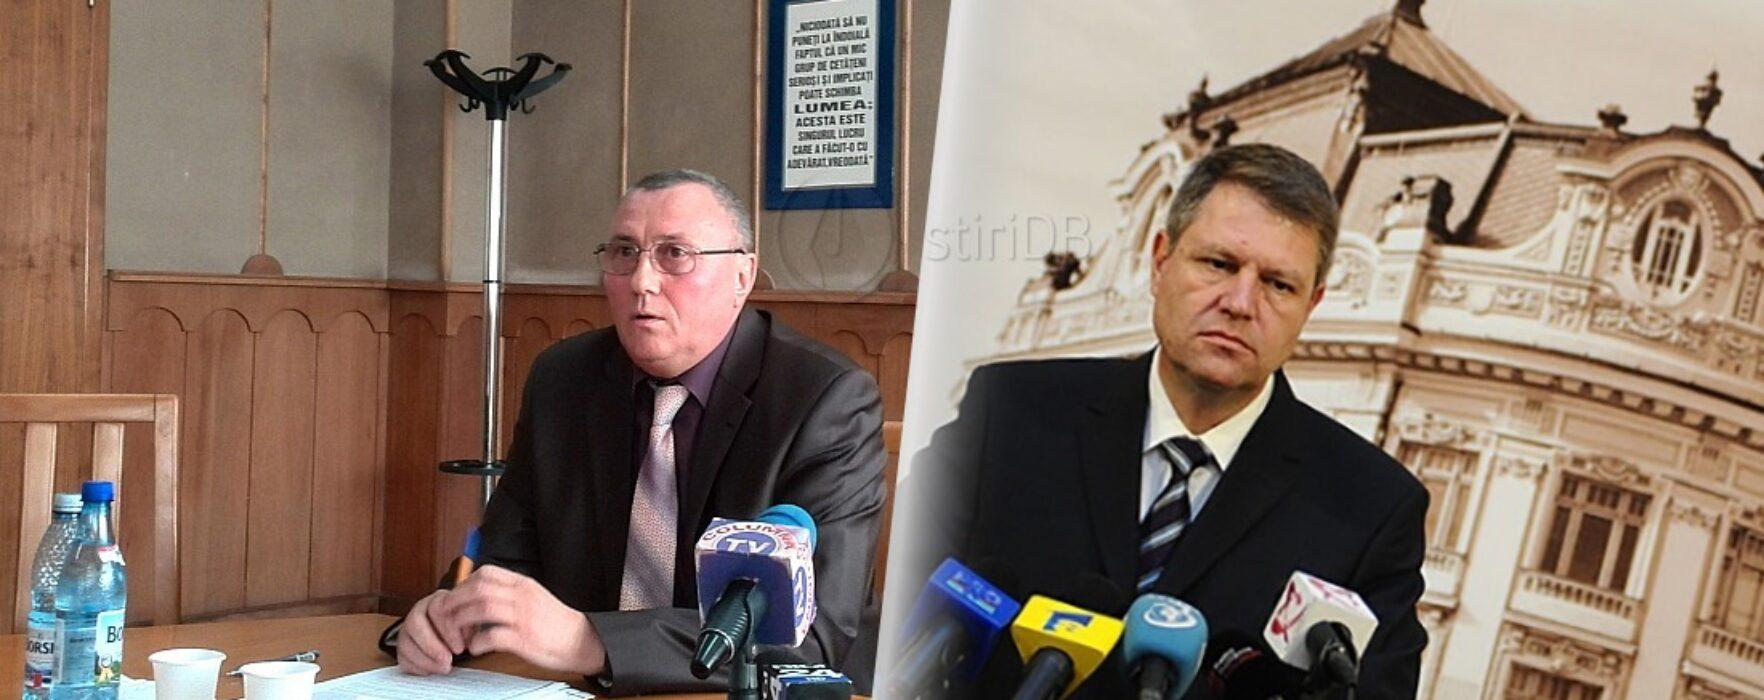 Tribunal: Modificarea statutului PNL, ilegală; conducerea partidului respinsă